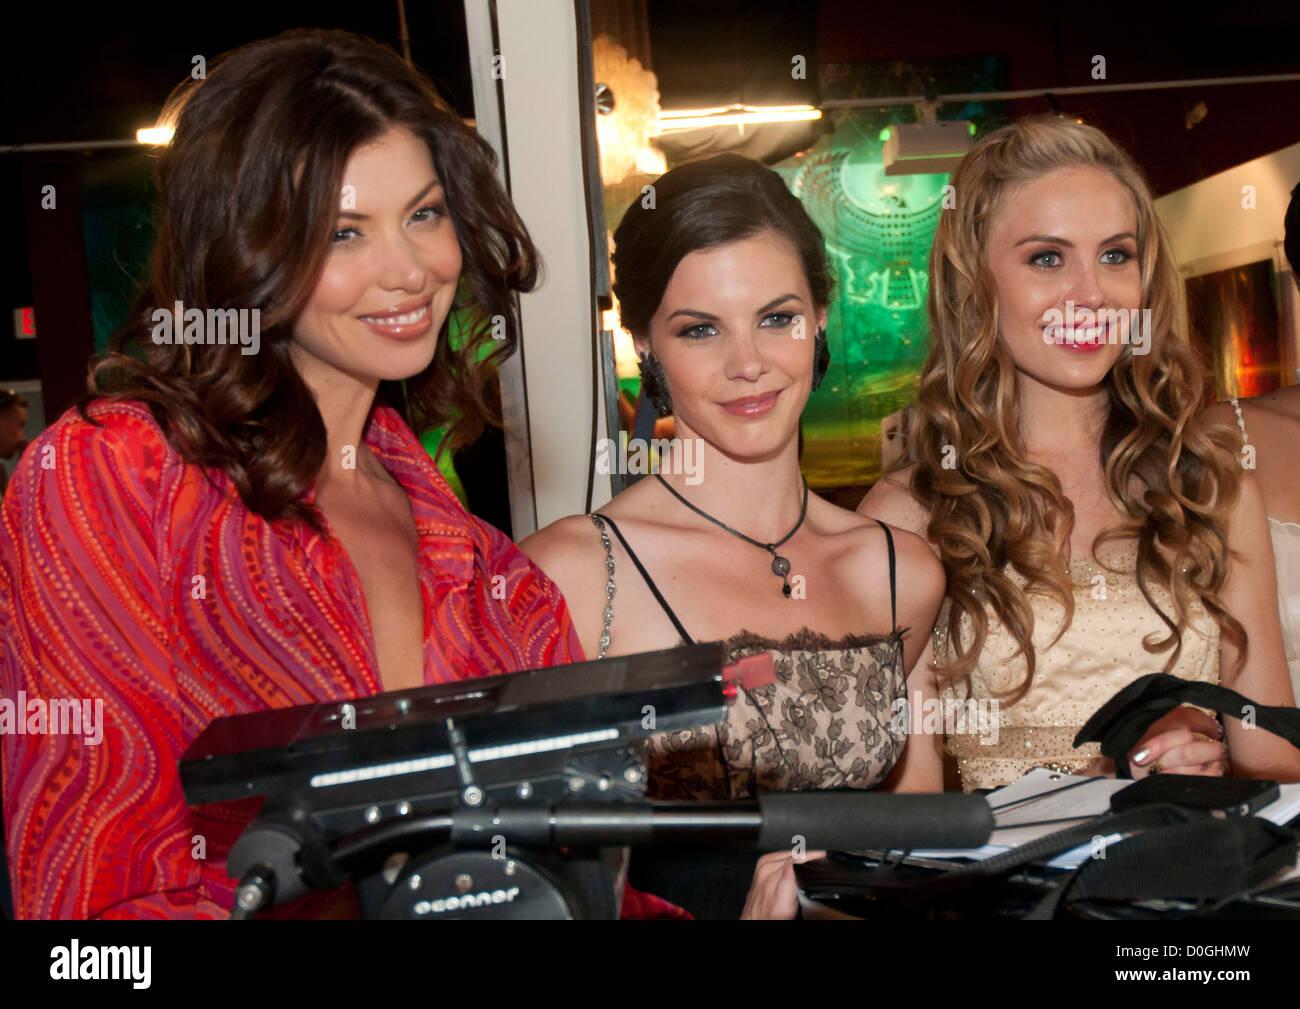 Amanda Peterson Pics cast members l-r amanda peterson, haley webb and alex